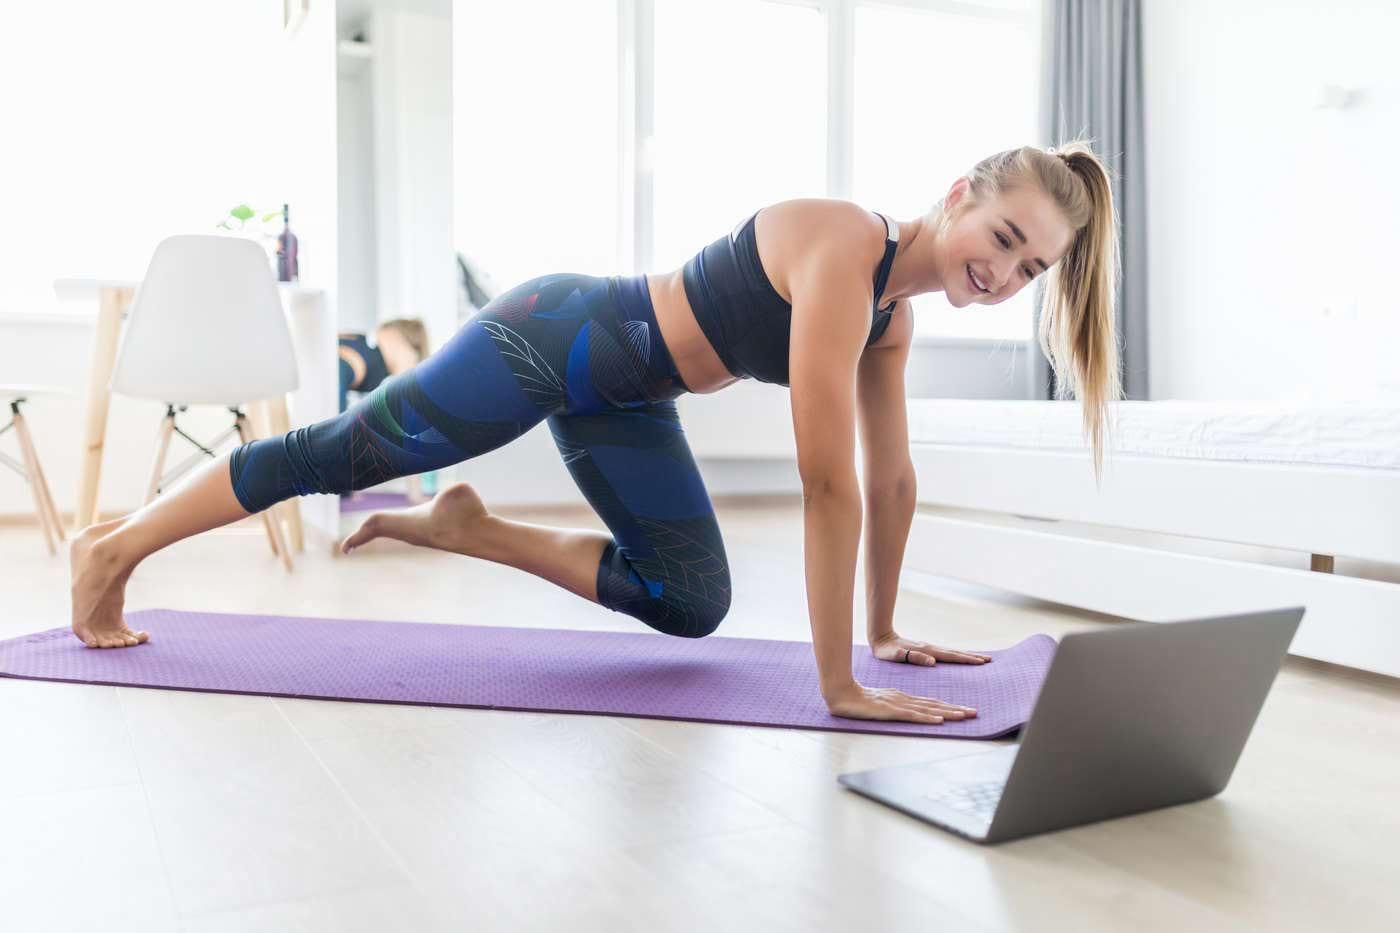 De ce trebuie să te refaci după un antrenament fizic intens